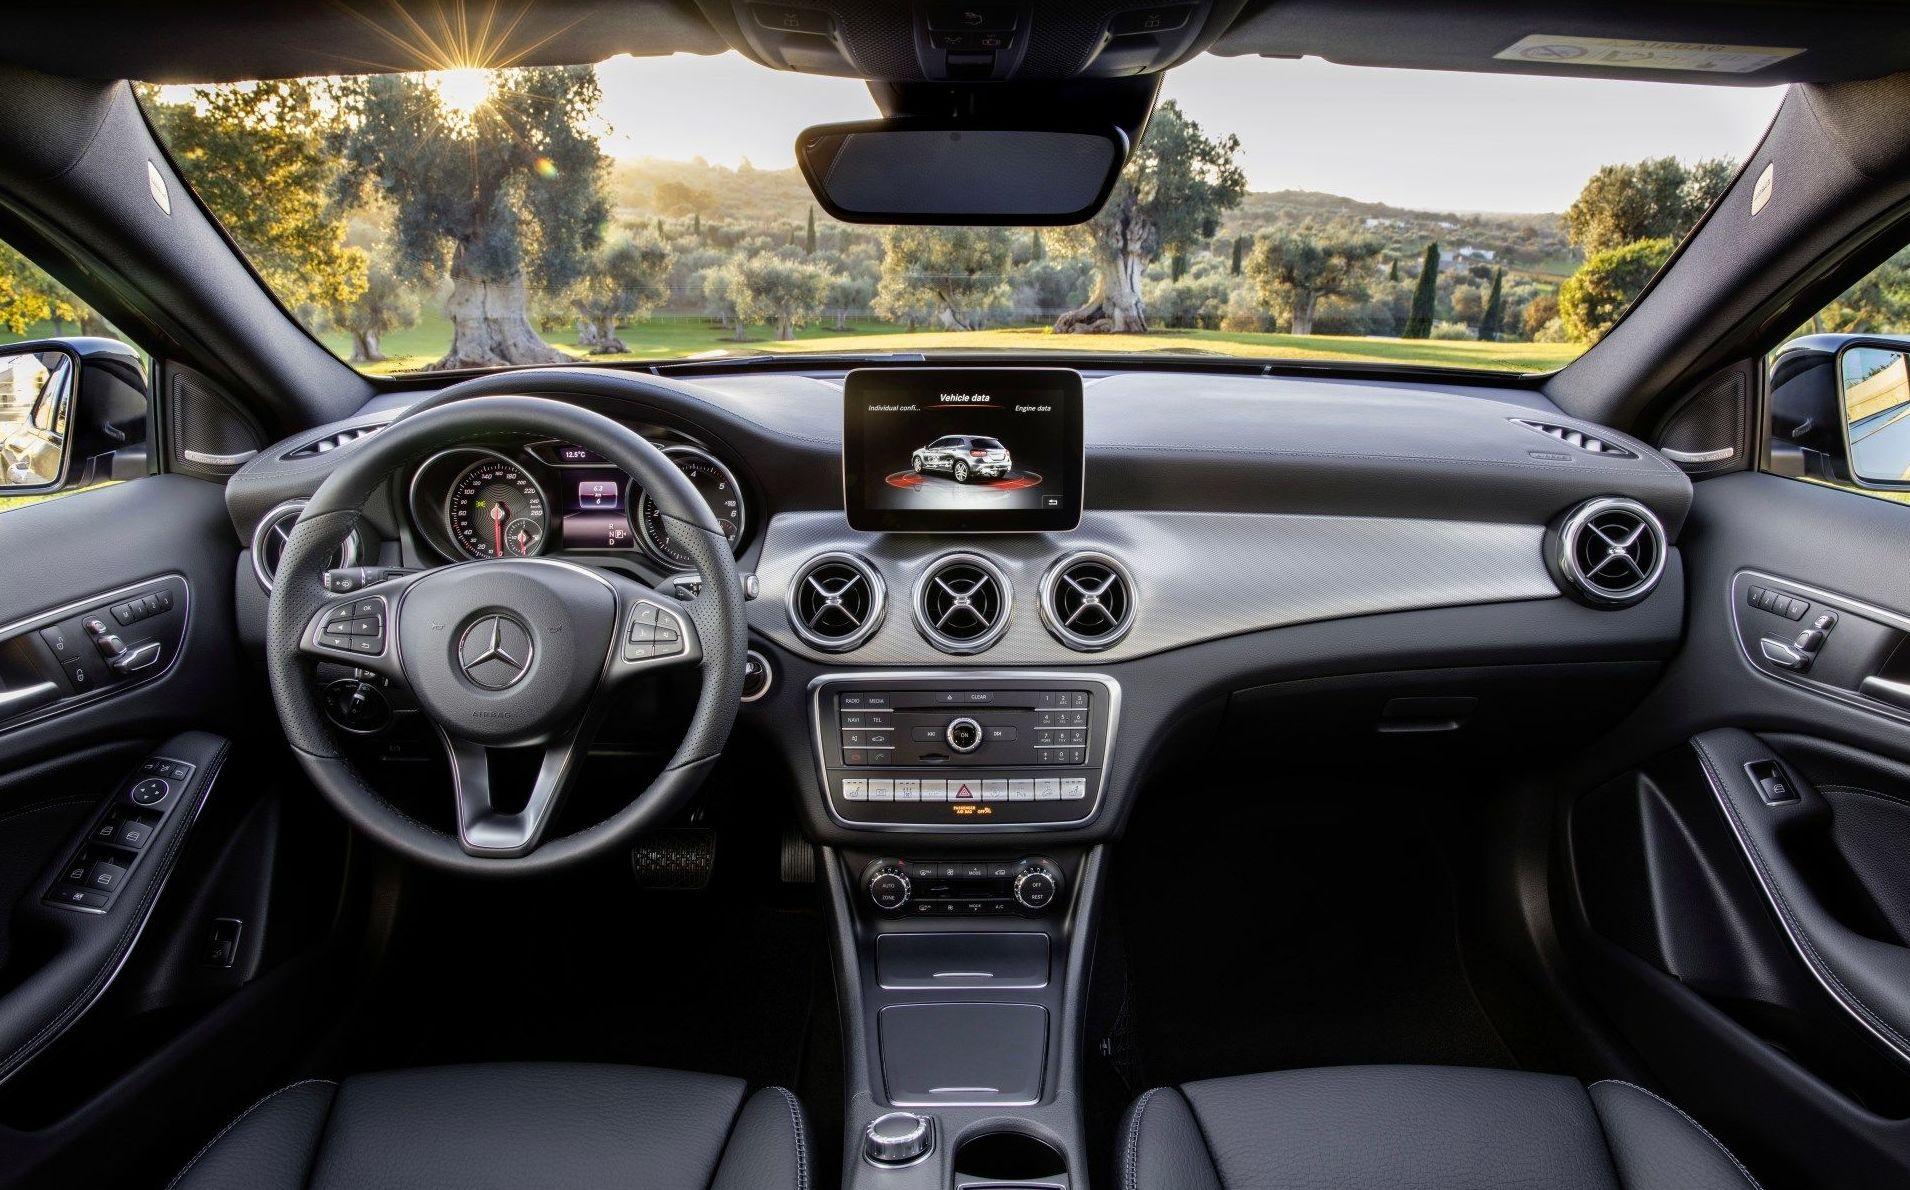 Actualización mapas cartografía gps Mercedes Audio 20 Garmin Map Piltot NTG-5